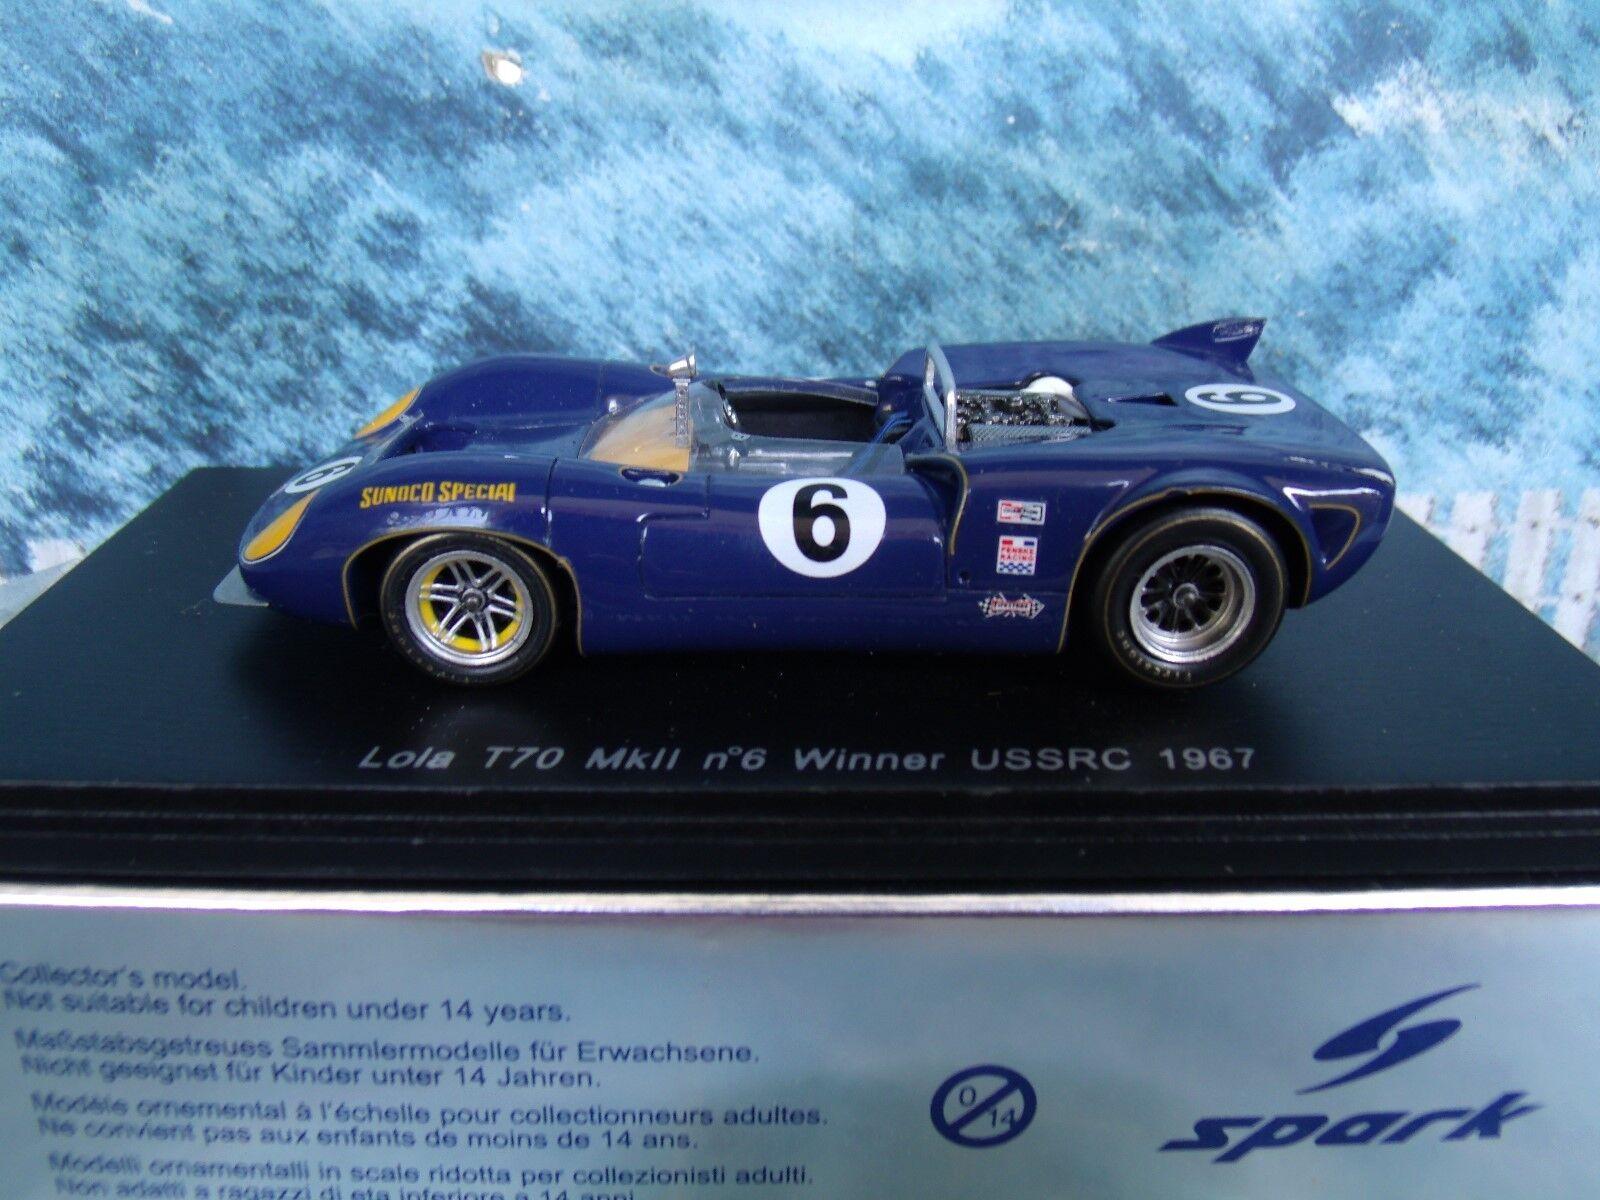 marca 1 43 Spark Spark Spark Lola T70 MK II  6 ganador USSRC 1967 S1145  barato y de moda